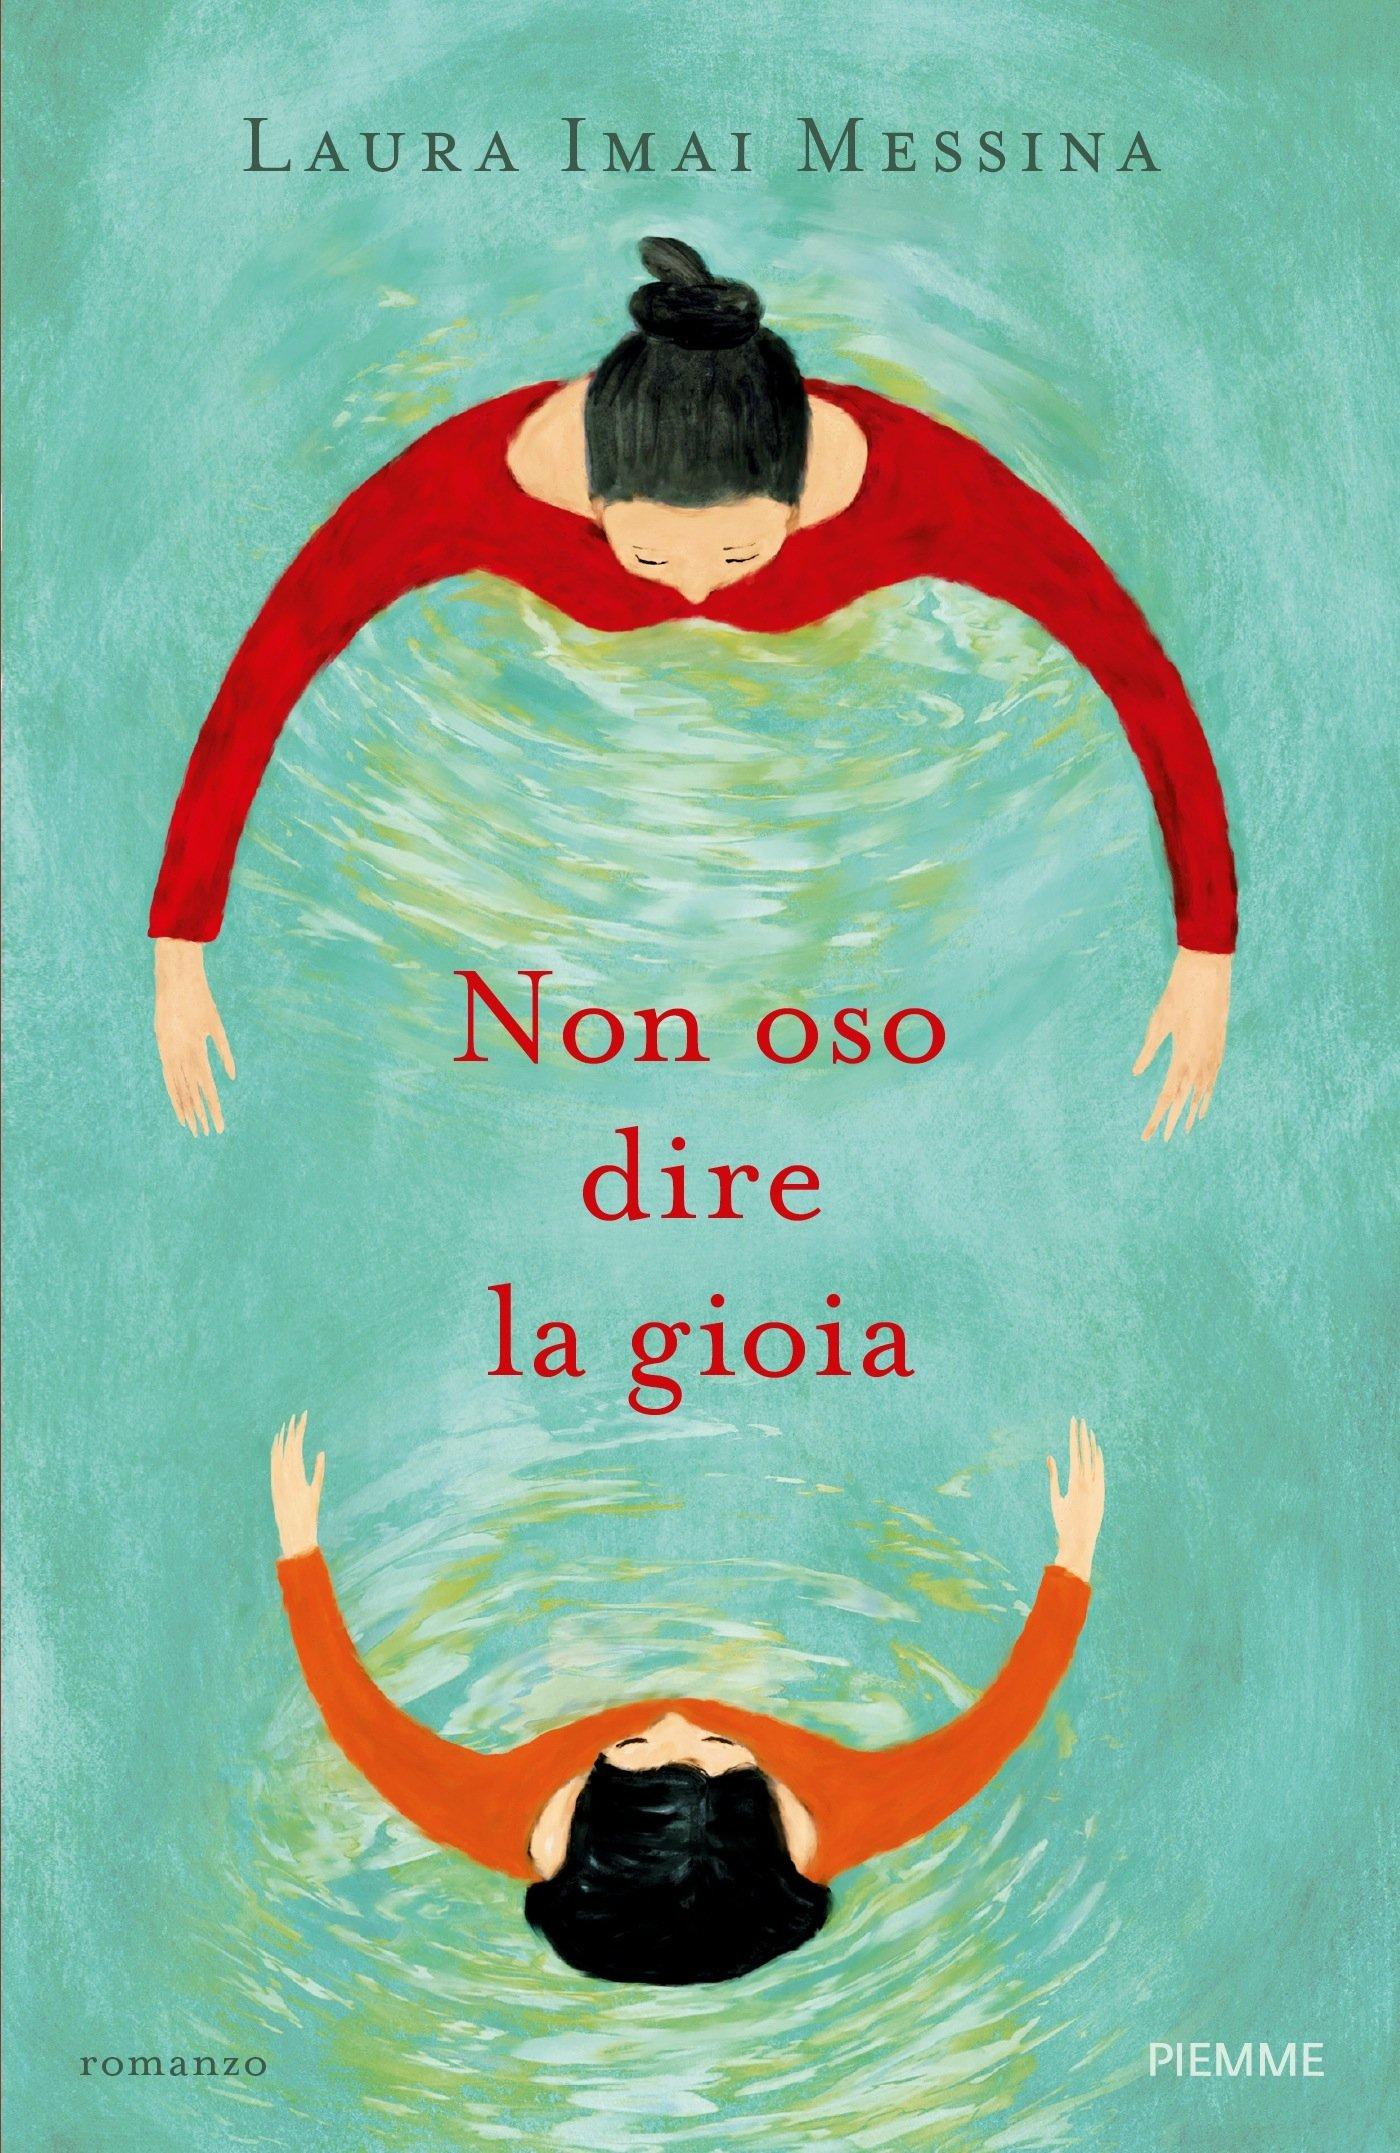 Non oso dire la gioia di Laura Imai Messina